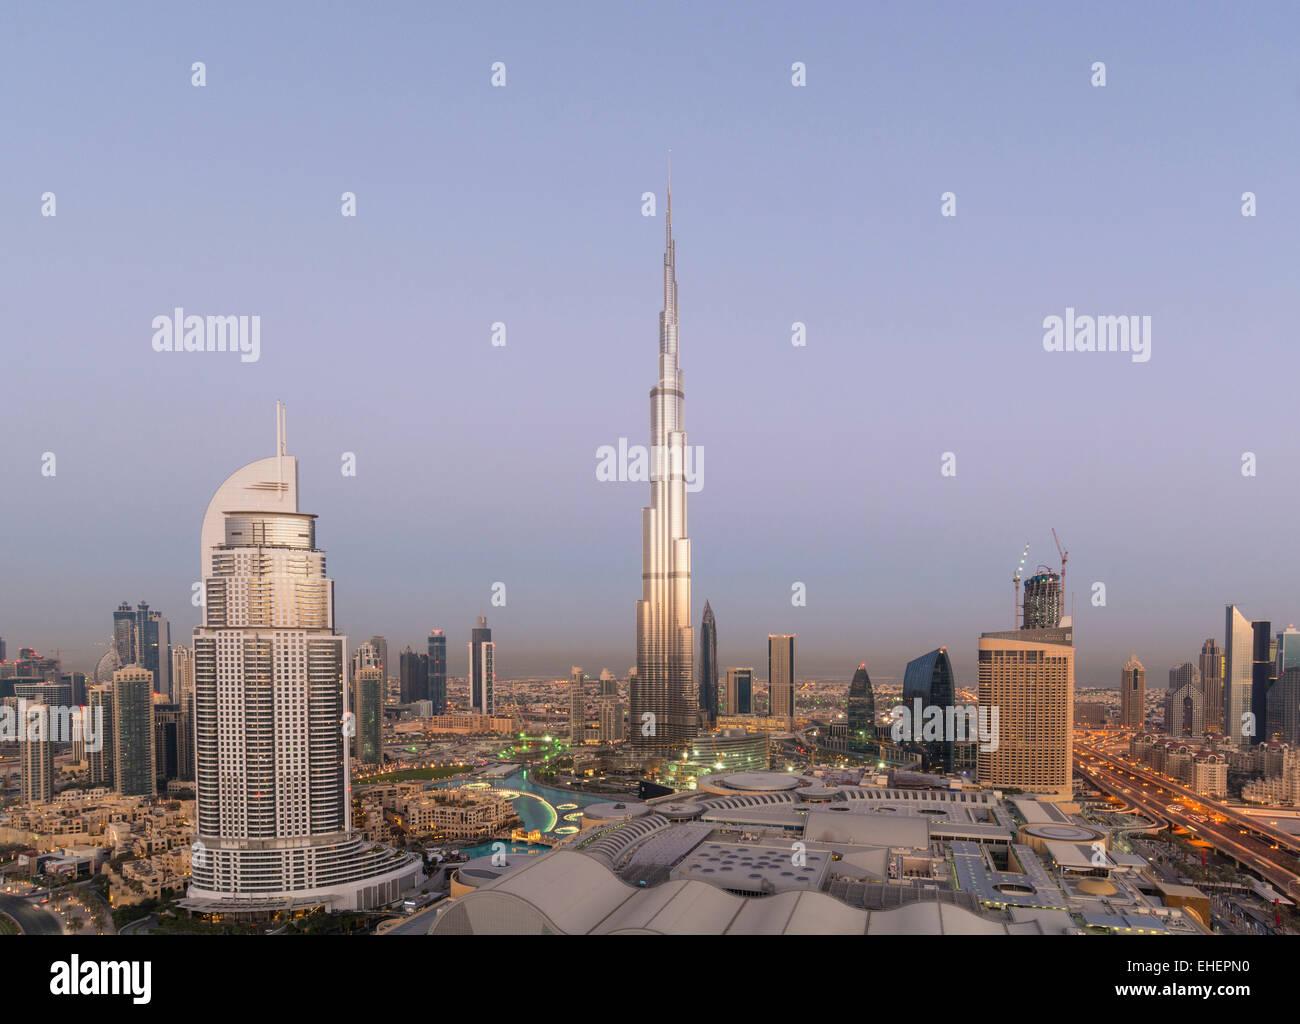 Il Burj Khalifa , il Dubai Mall e lo skyline del centro cittadino di Dubai a sunrise in Emirati Arabi Uniti Immagini Stock